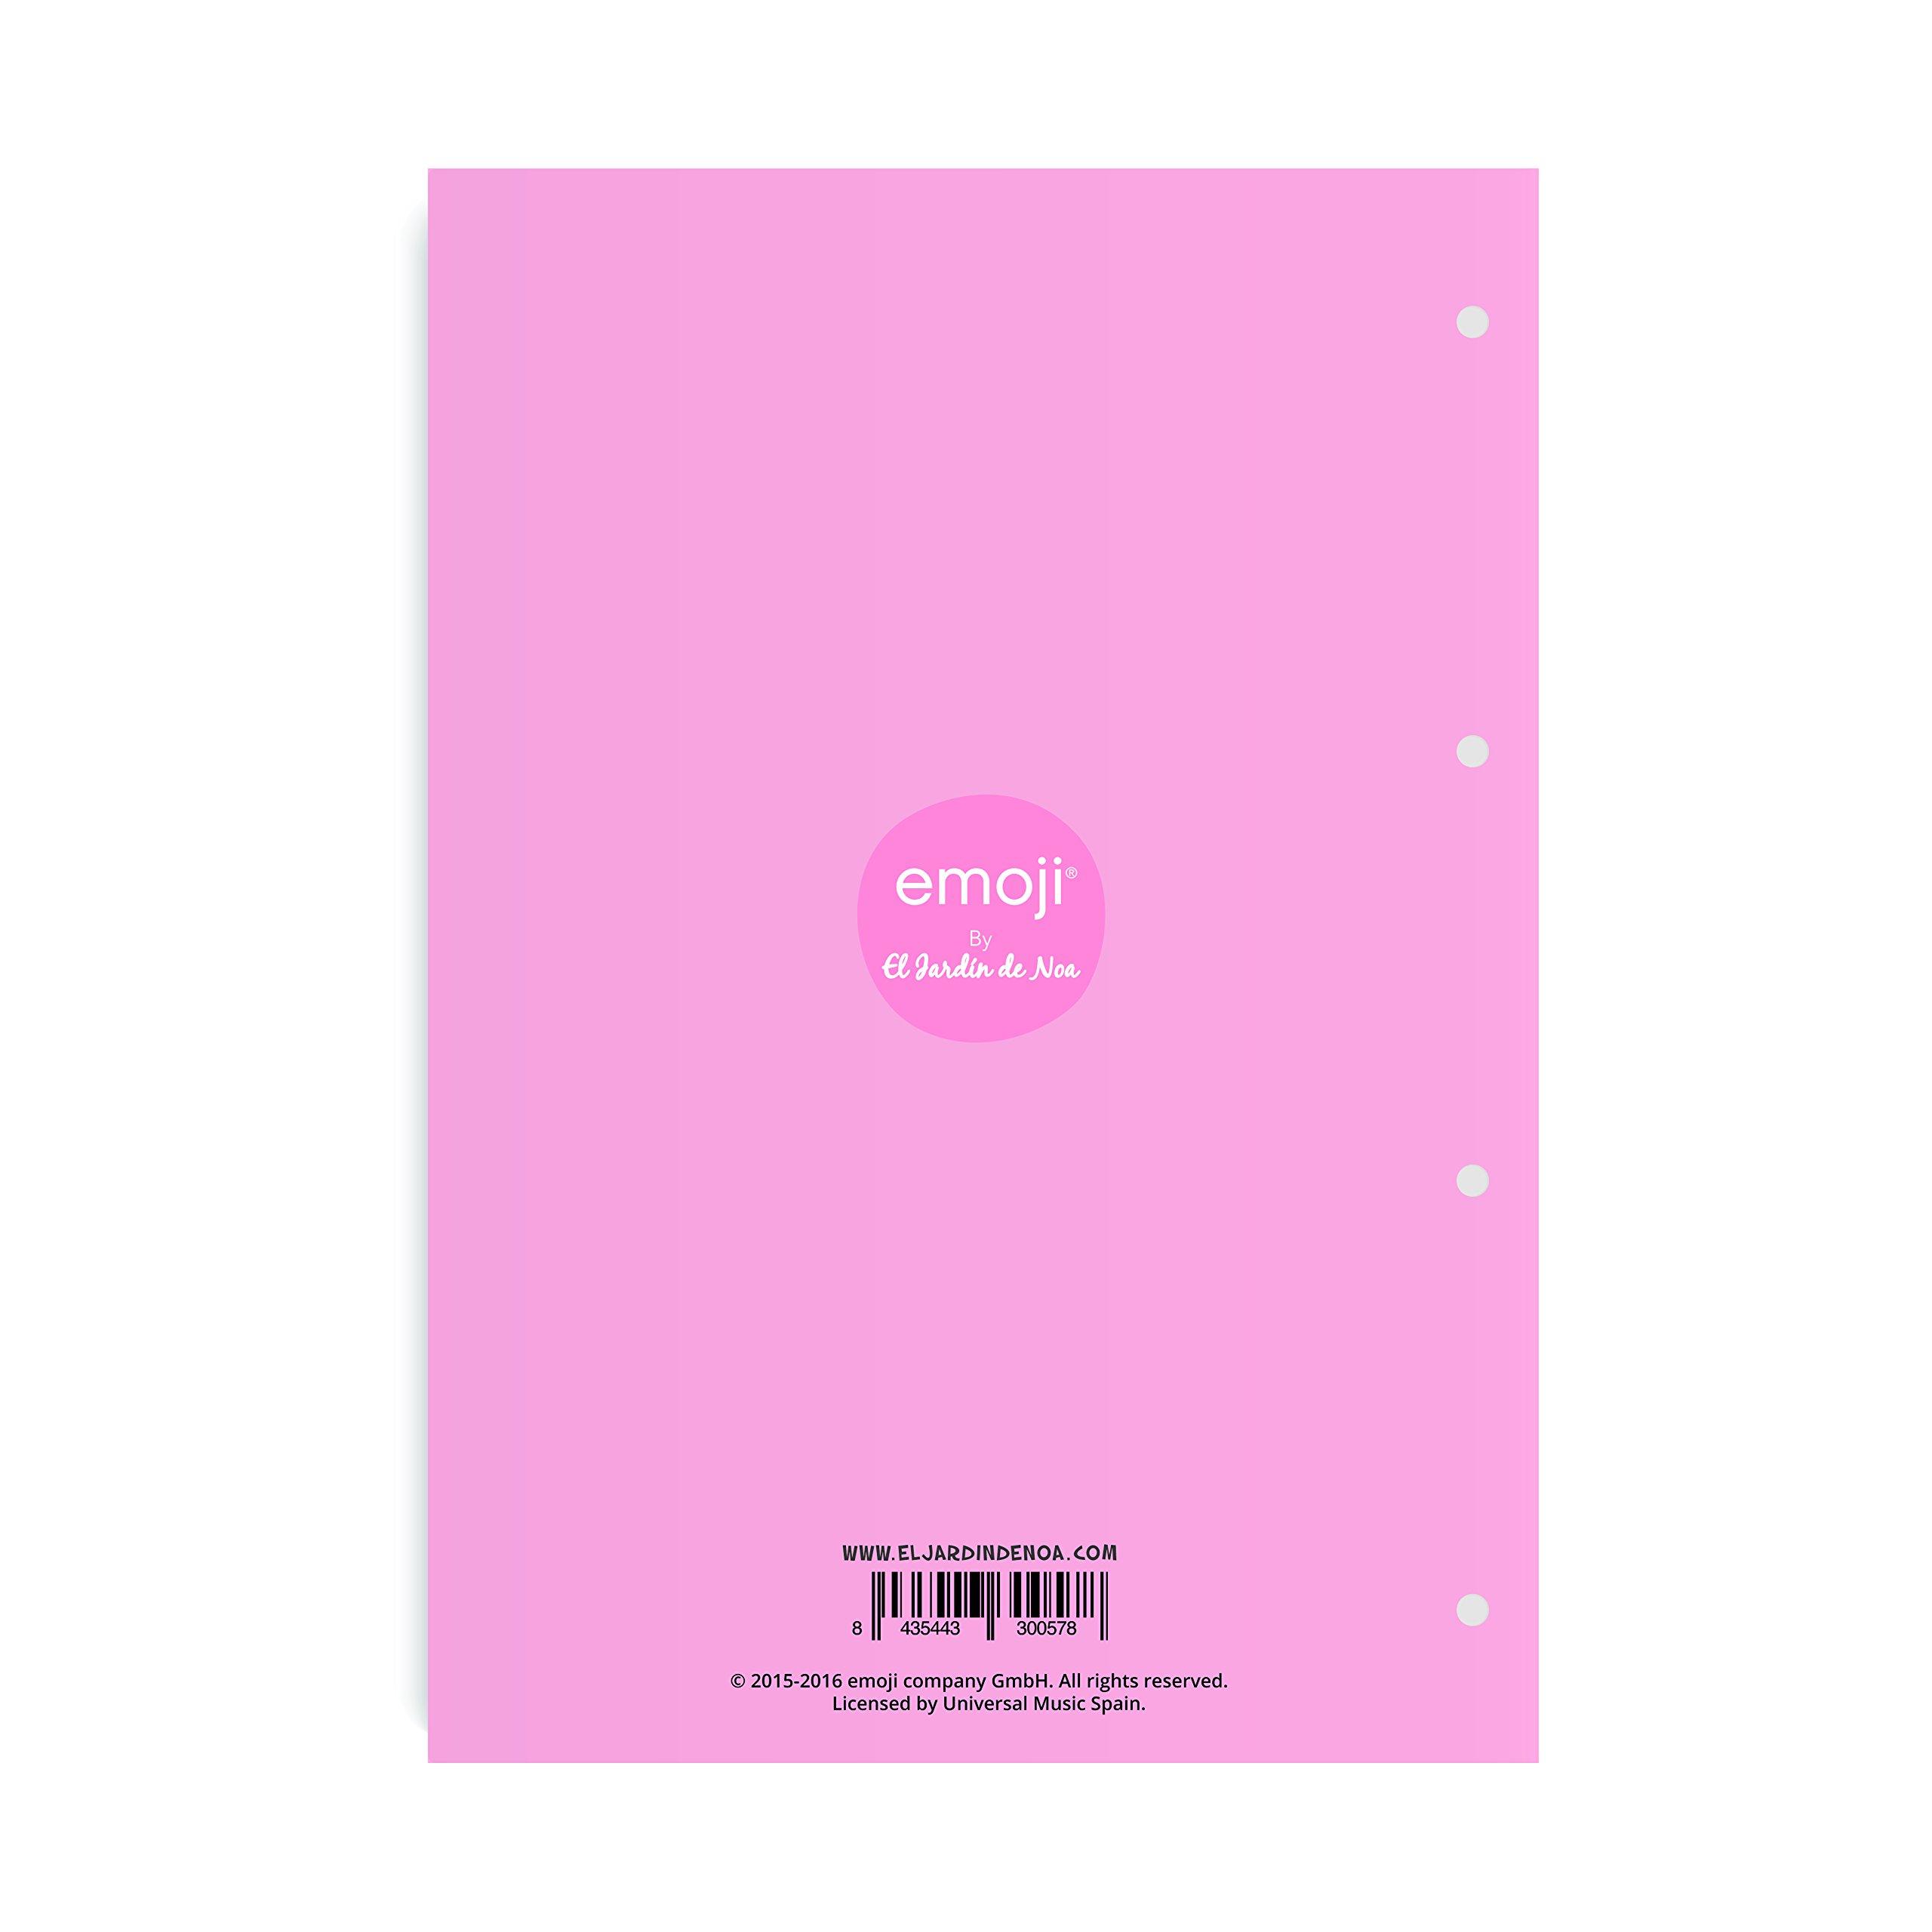 El Jardin de Noa EBN1002B - Cuaderno engomado: Emoji By Noa: Amazon.es: Oficina y papelería